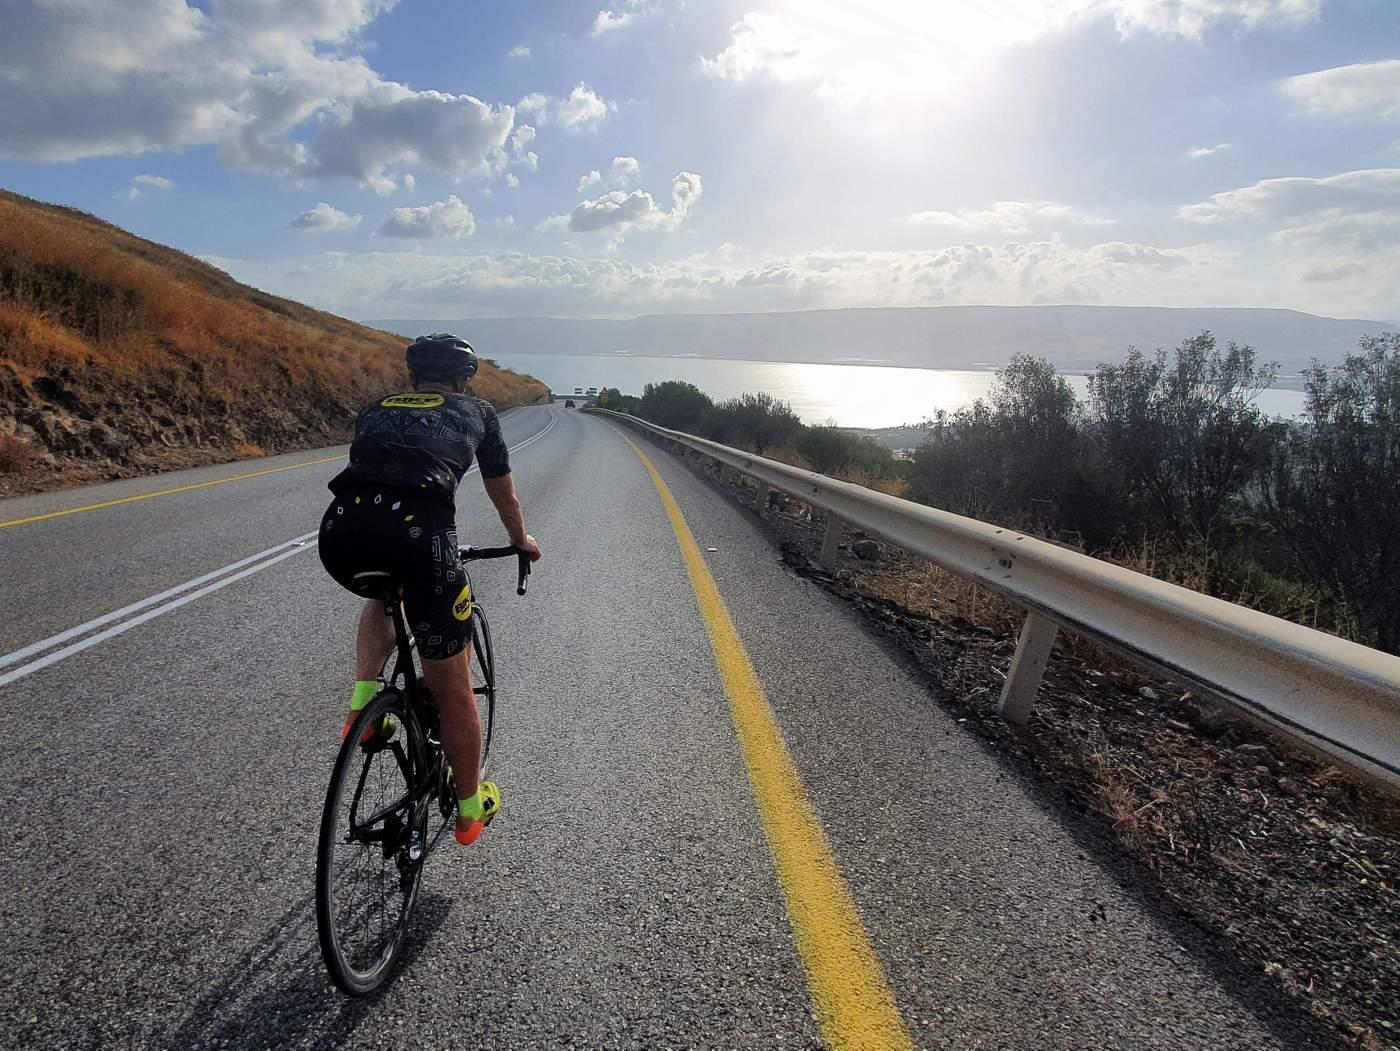 אופני כביש קשיחות משקל